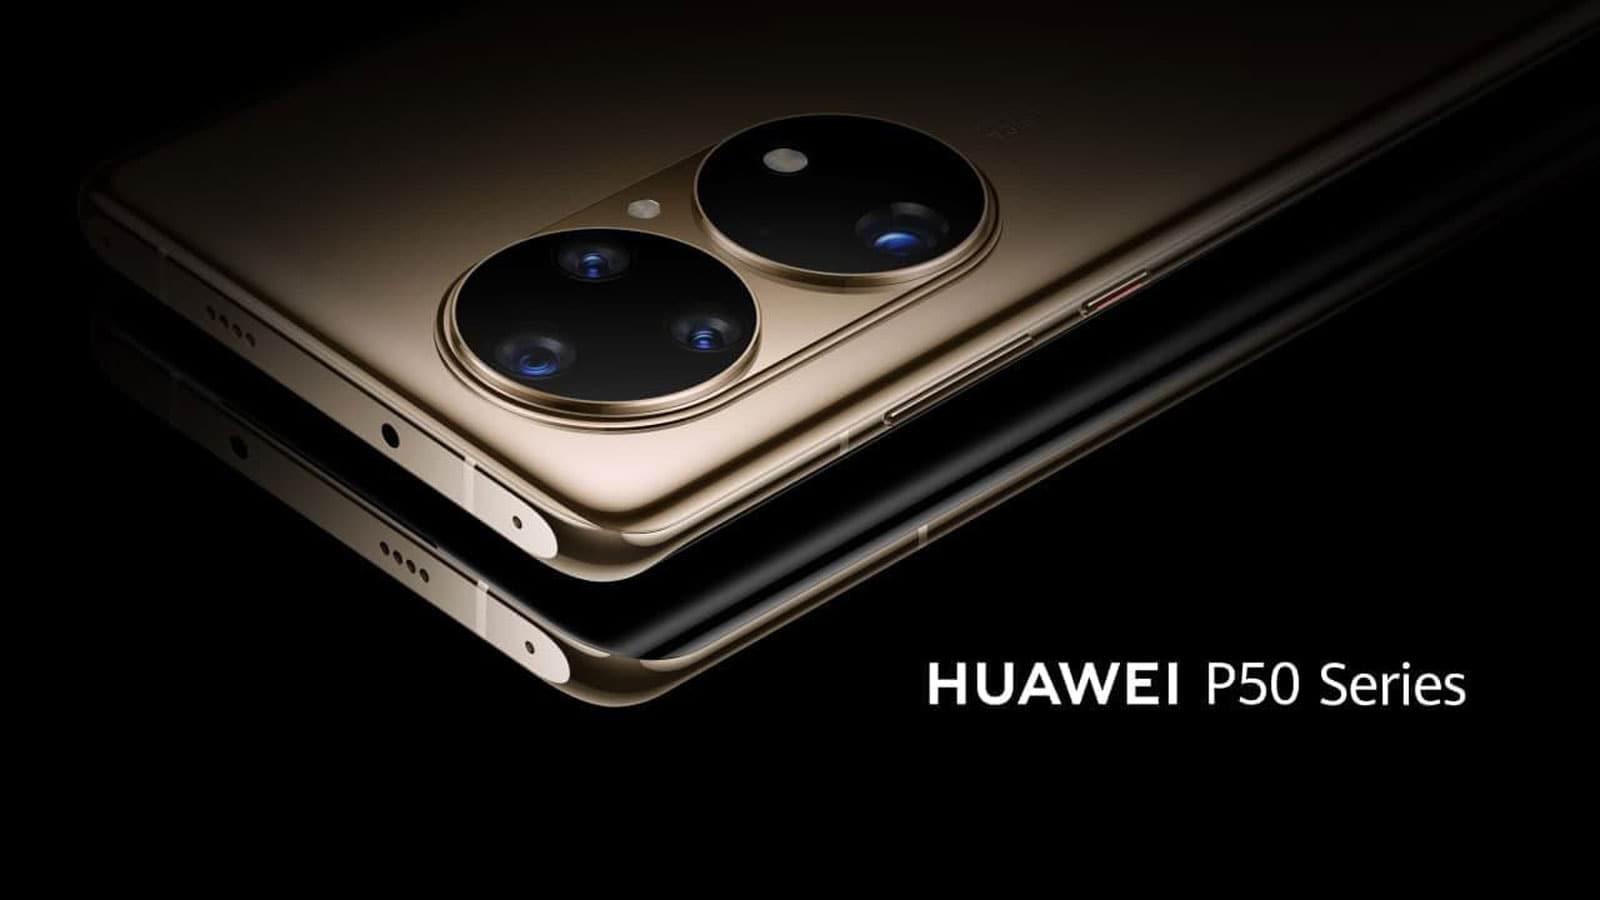 وأخيرًا... الكشف رسميًا عن مجموعة هواتف Huawei P50 الرائدة الجديدة